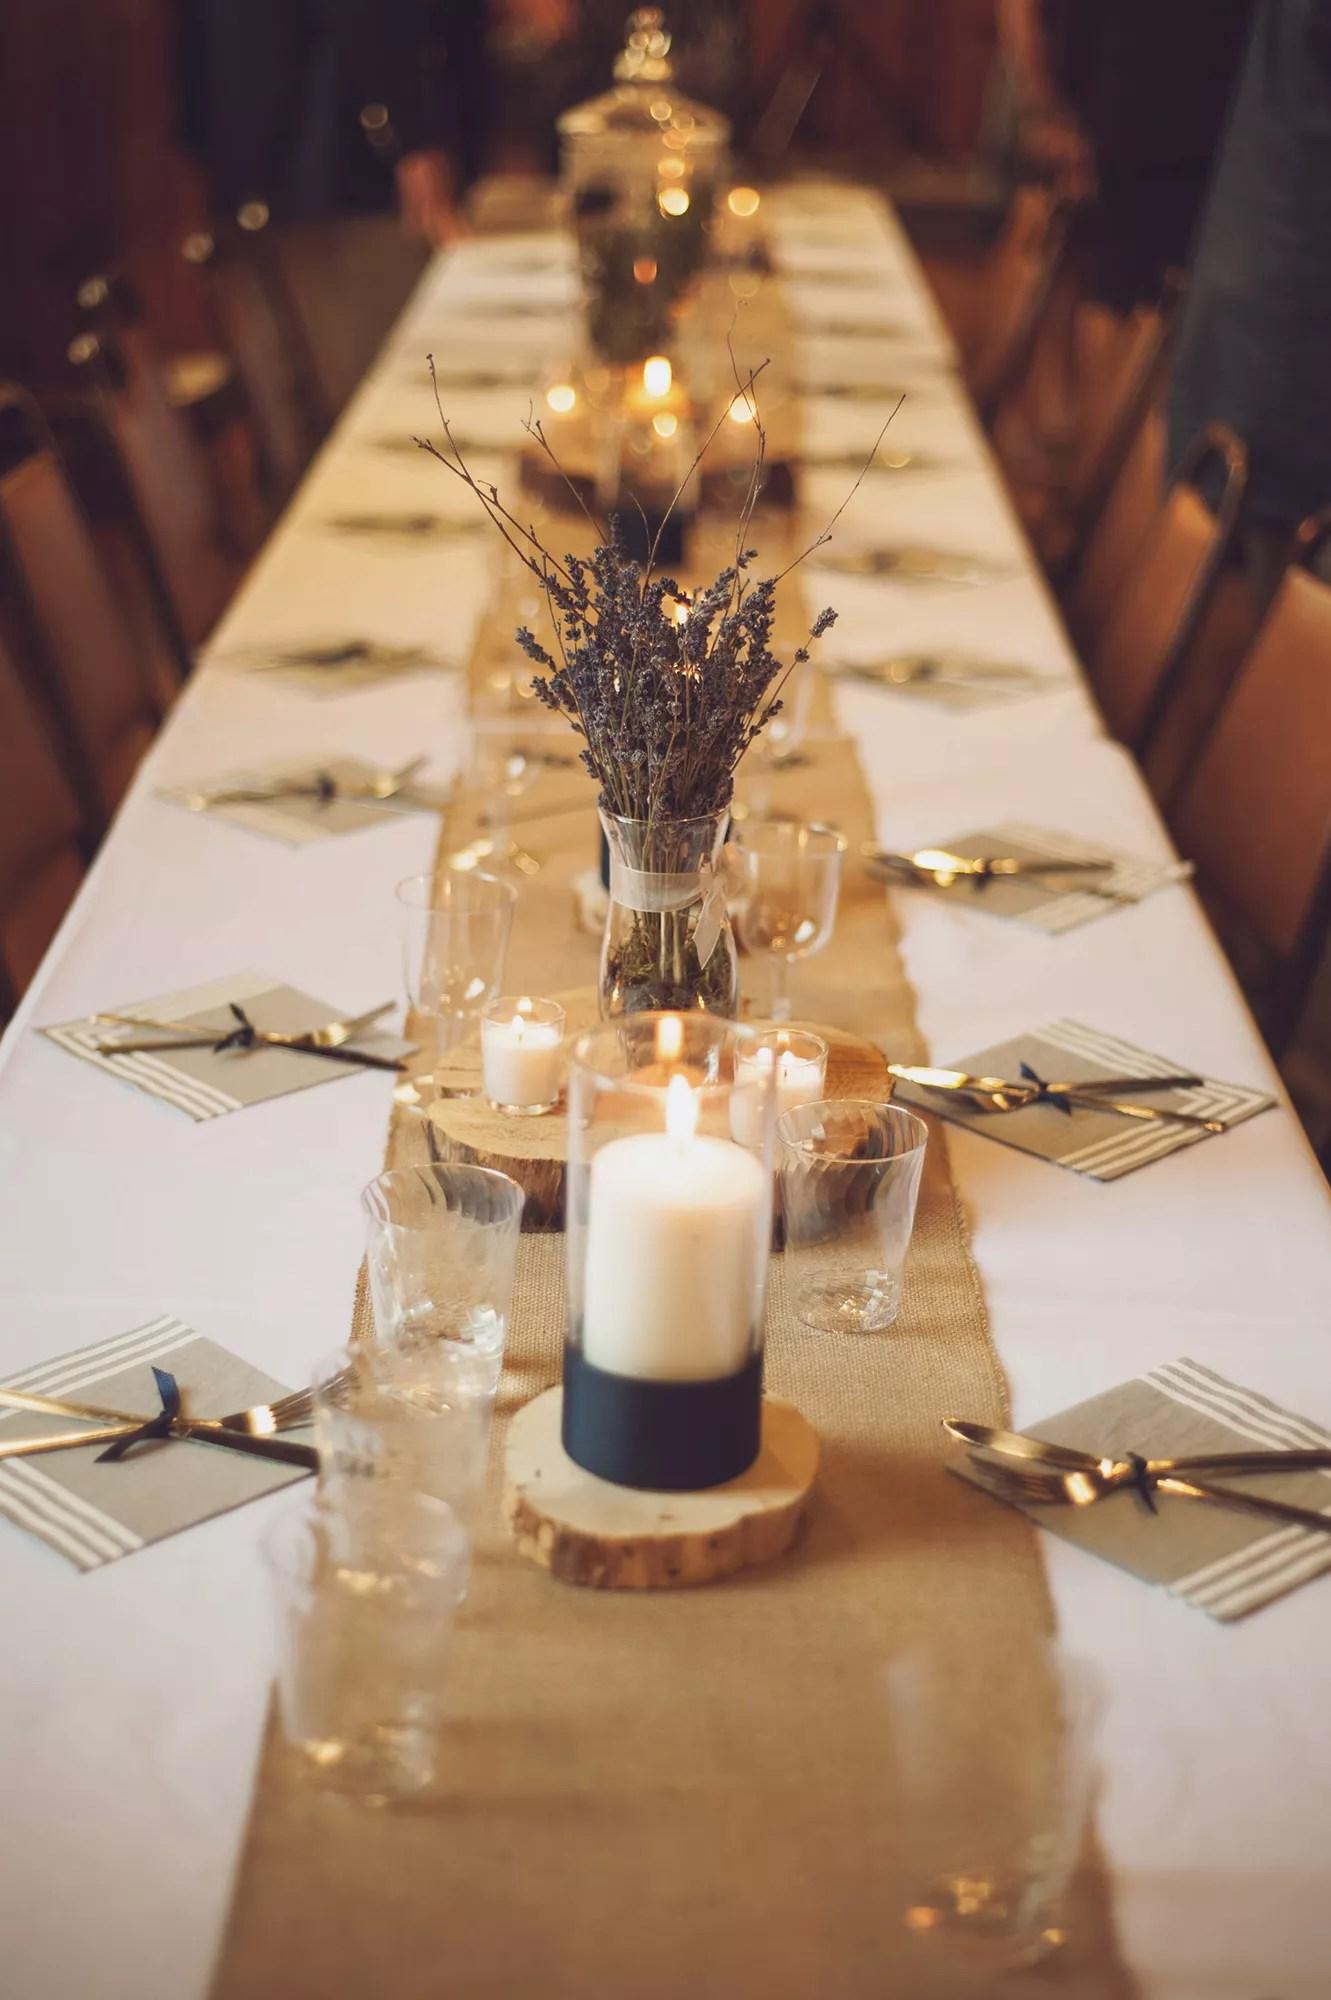 Burlap Runner On White Table